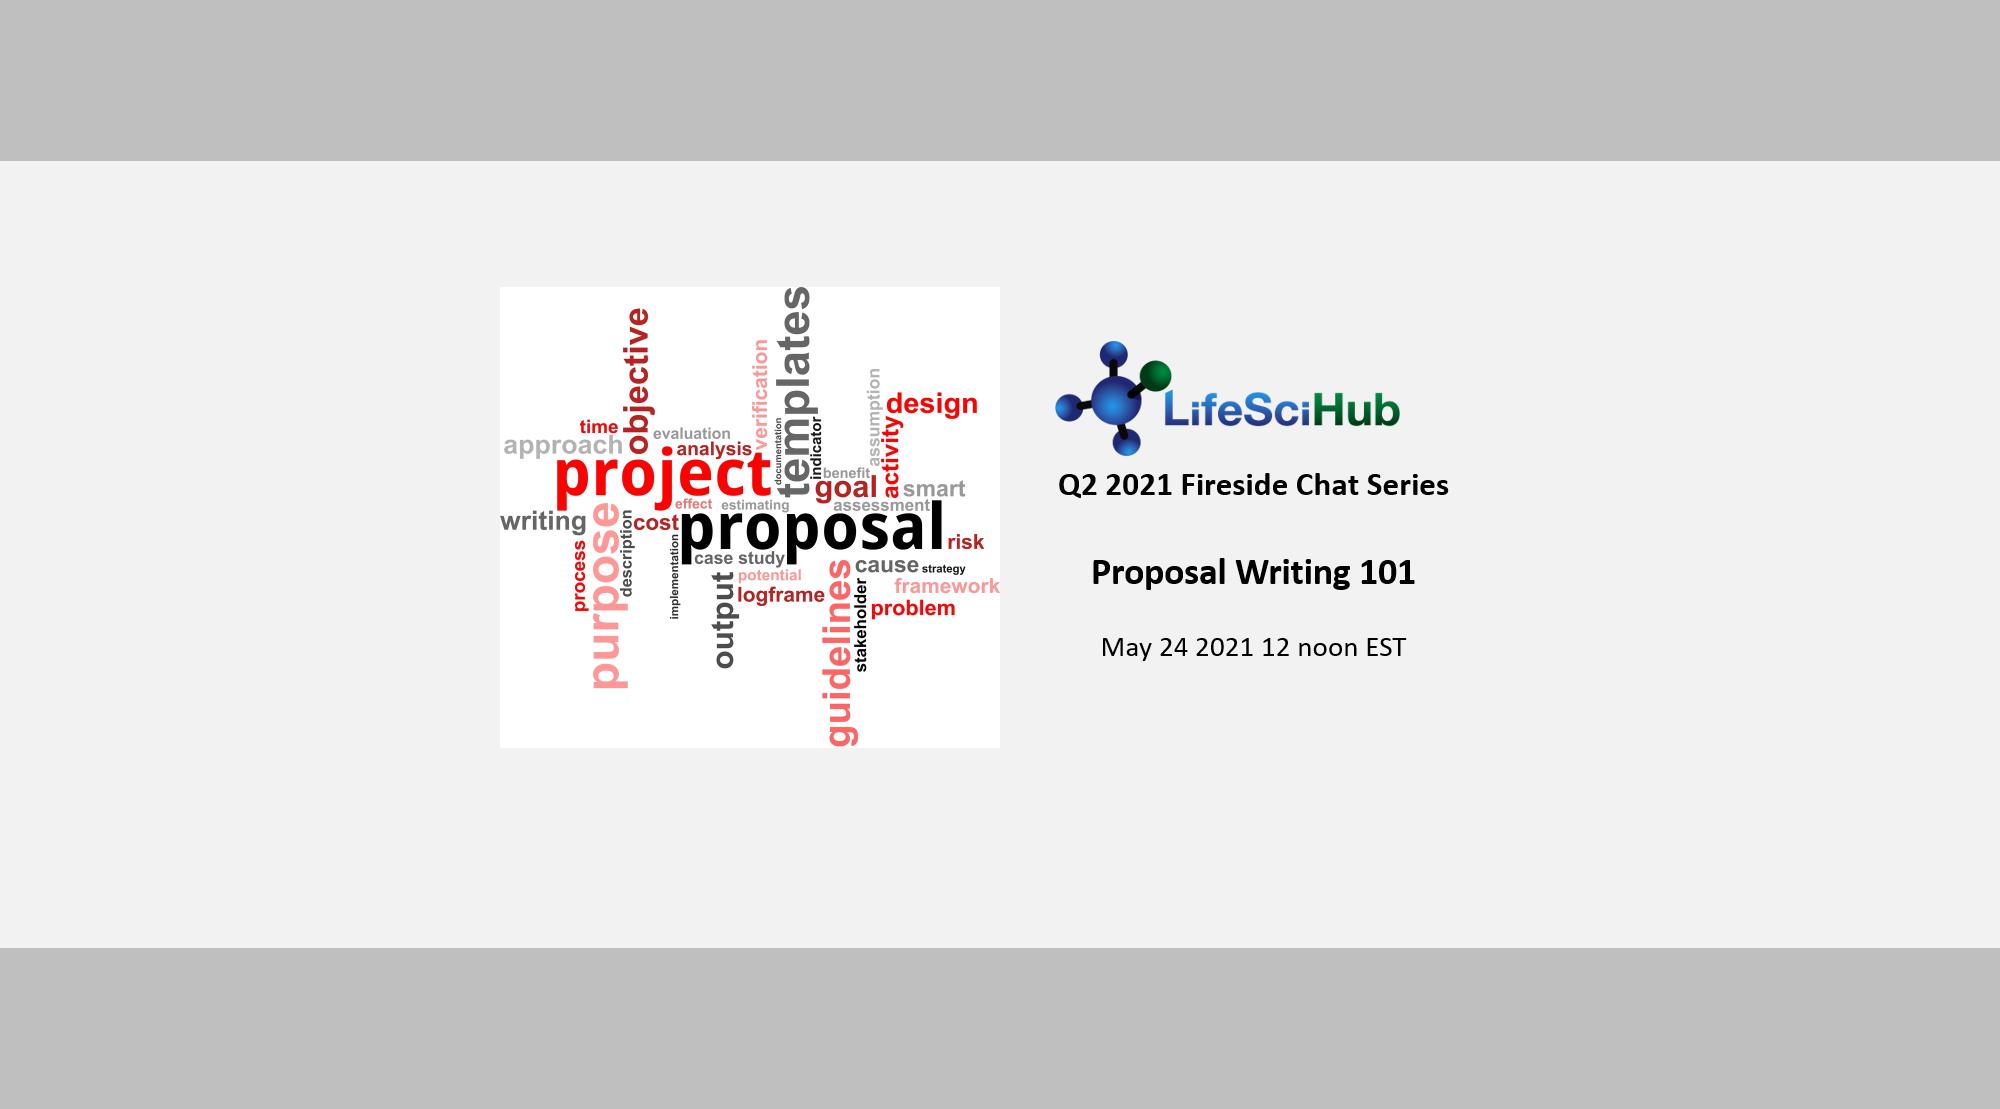 LifeSciHub Fireside:  Proposal Writing 101